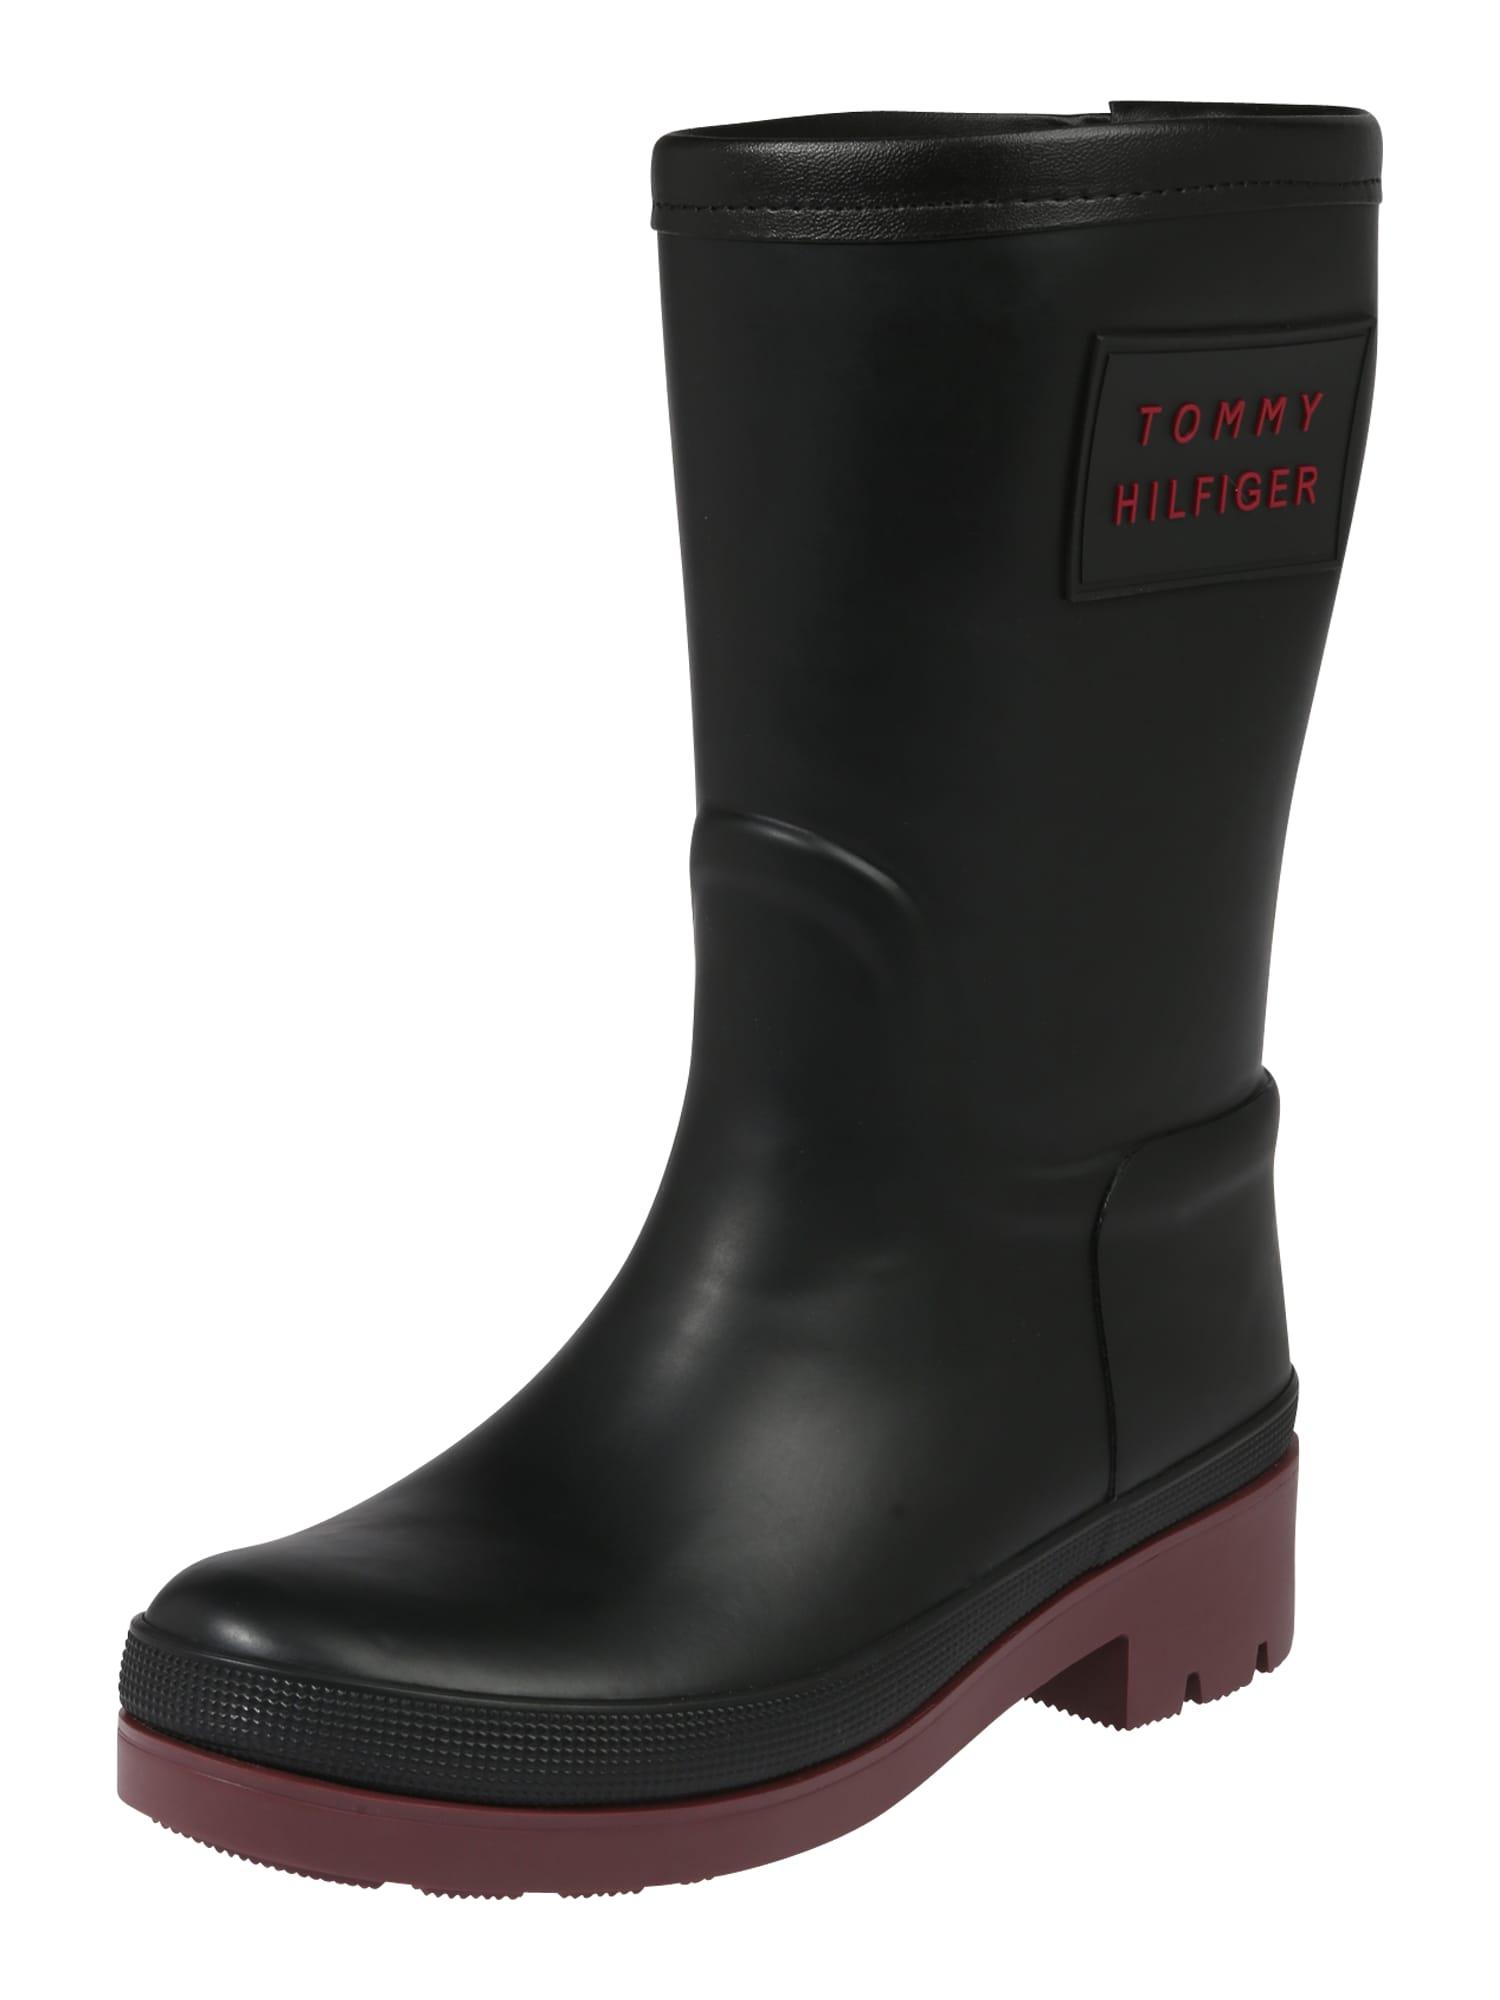 Damen Tommy Hilfiger Stiefel 'WARMLINED RAINBOOT' schwarz   08719859205260